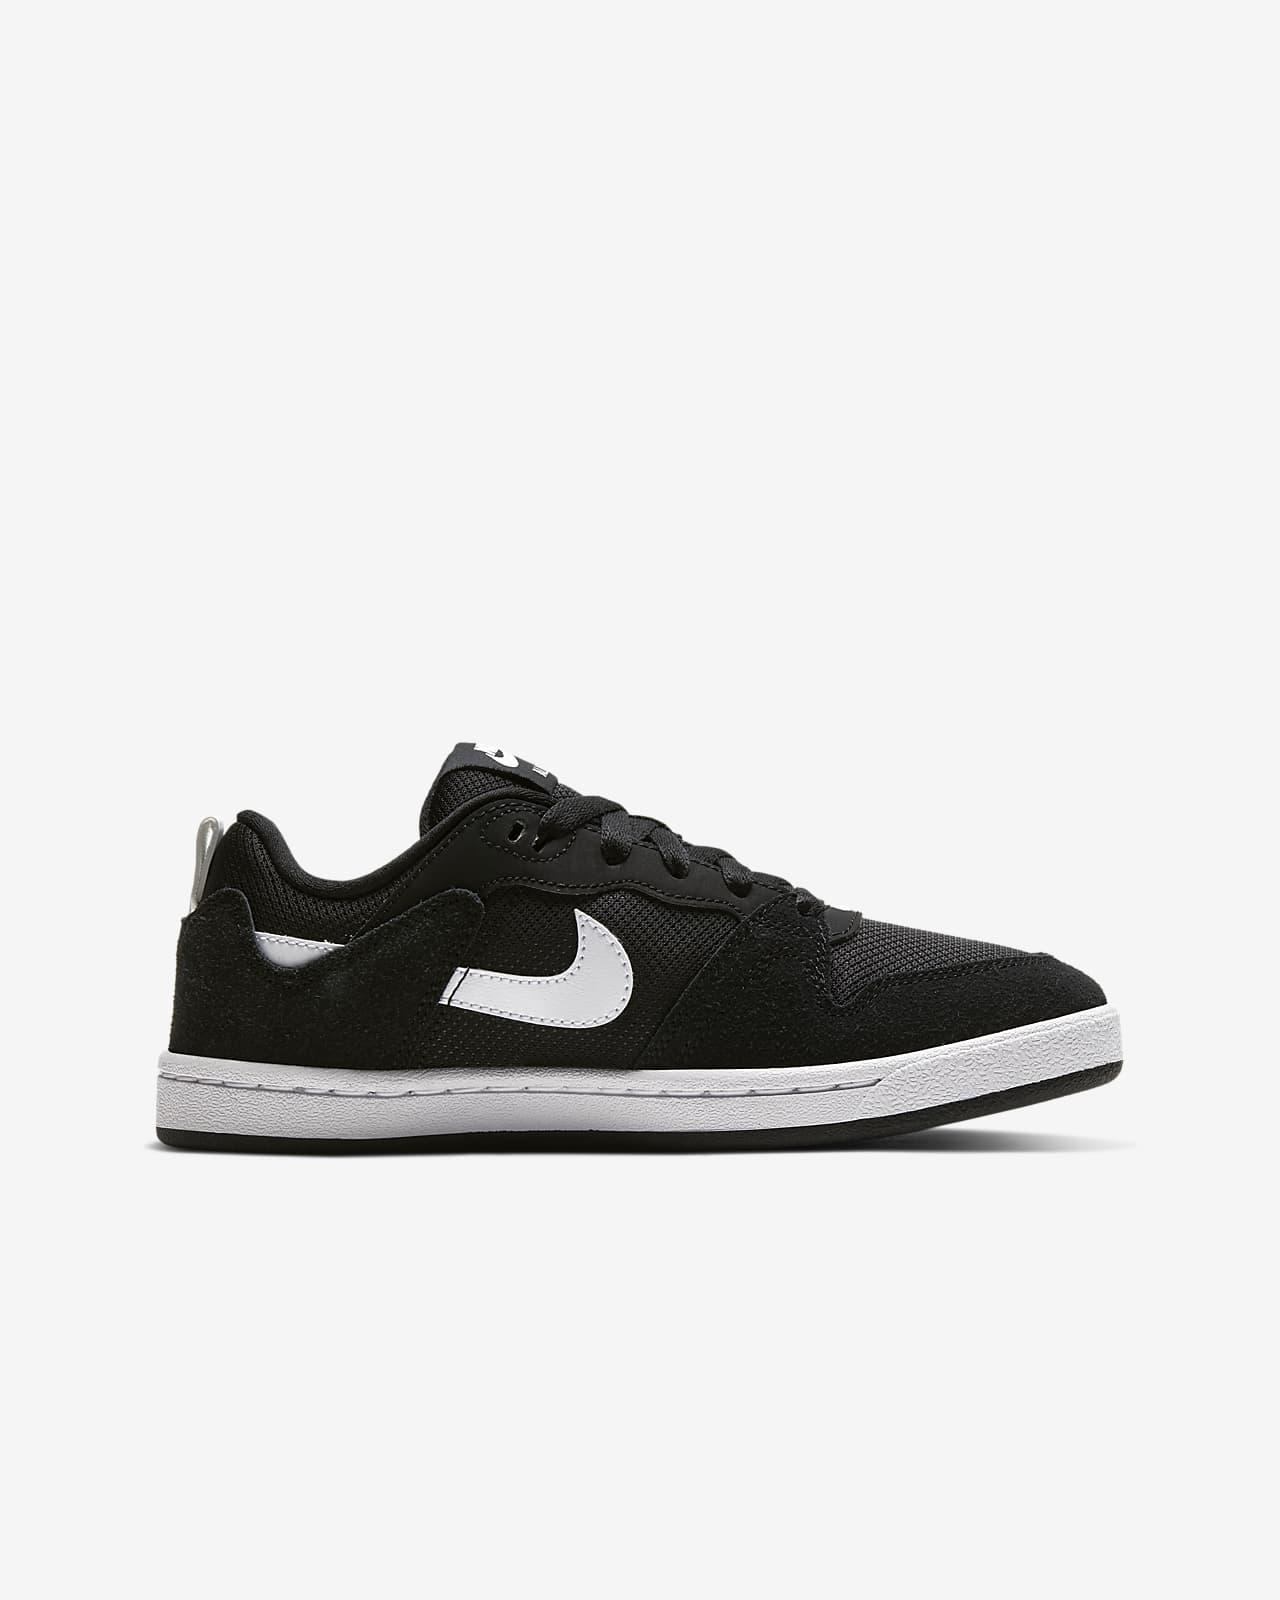 Nike SB Alleyoop Big Kids' Skate Shoe